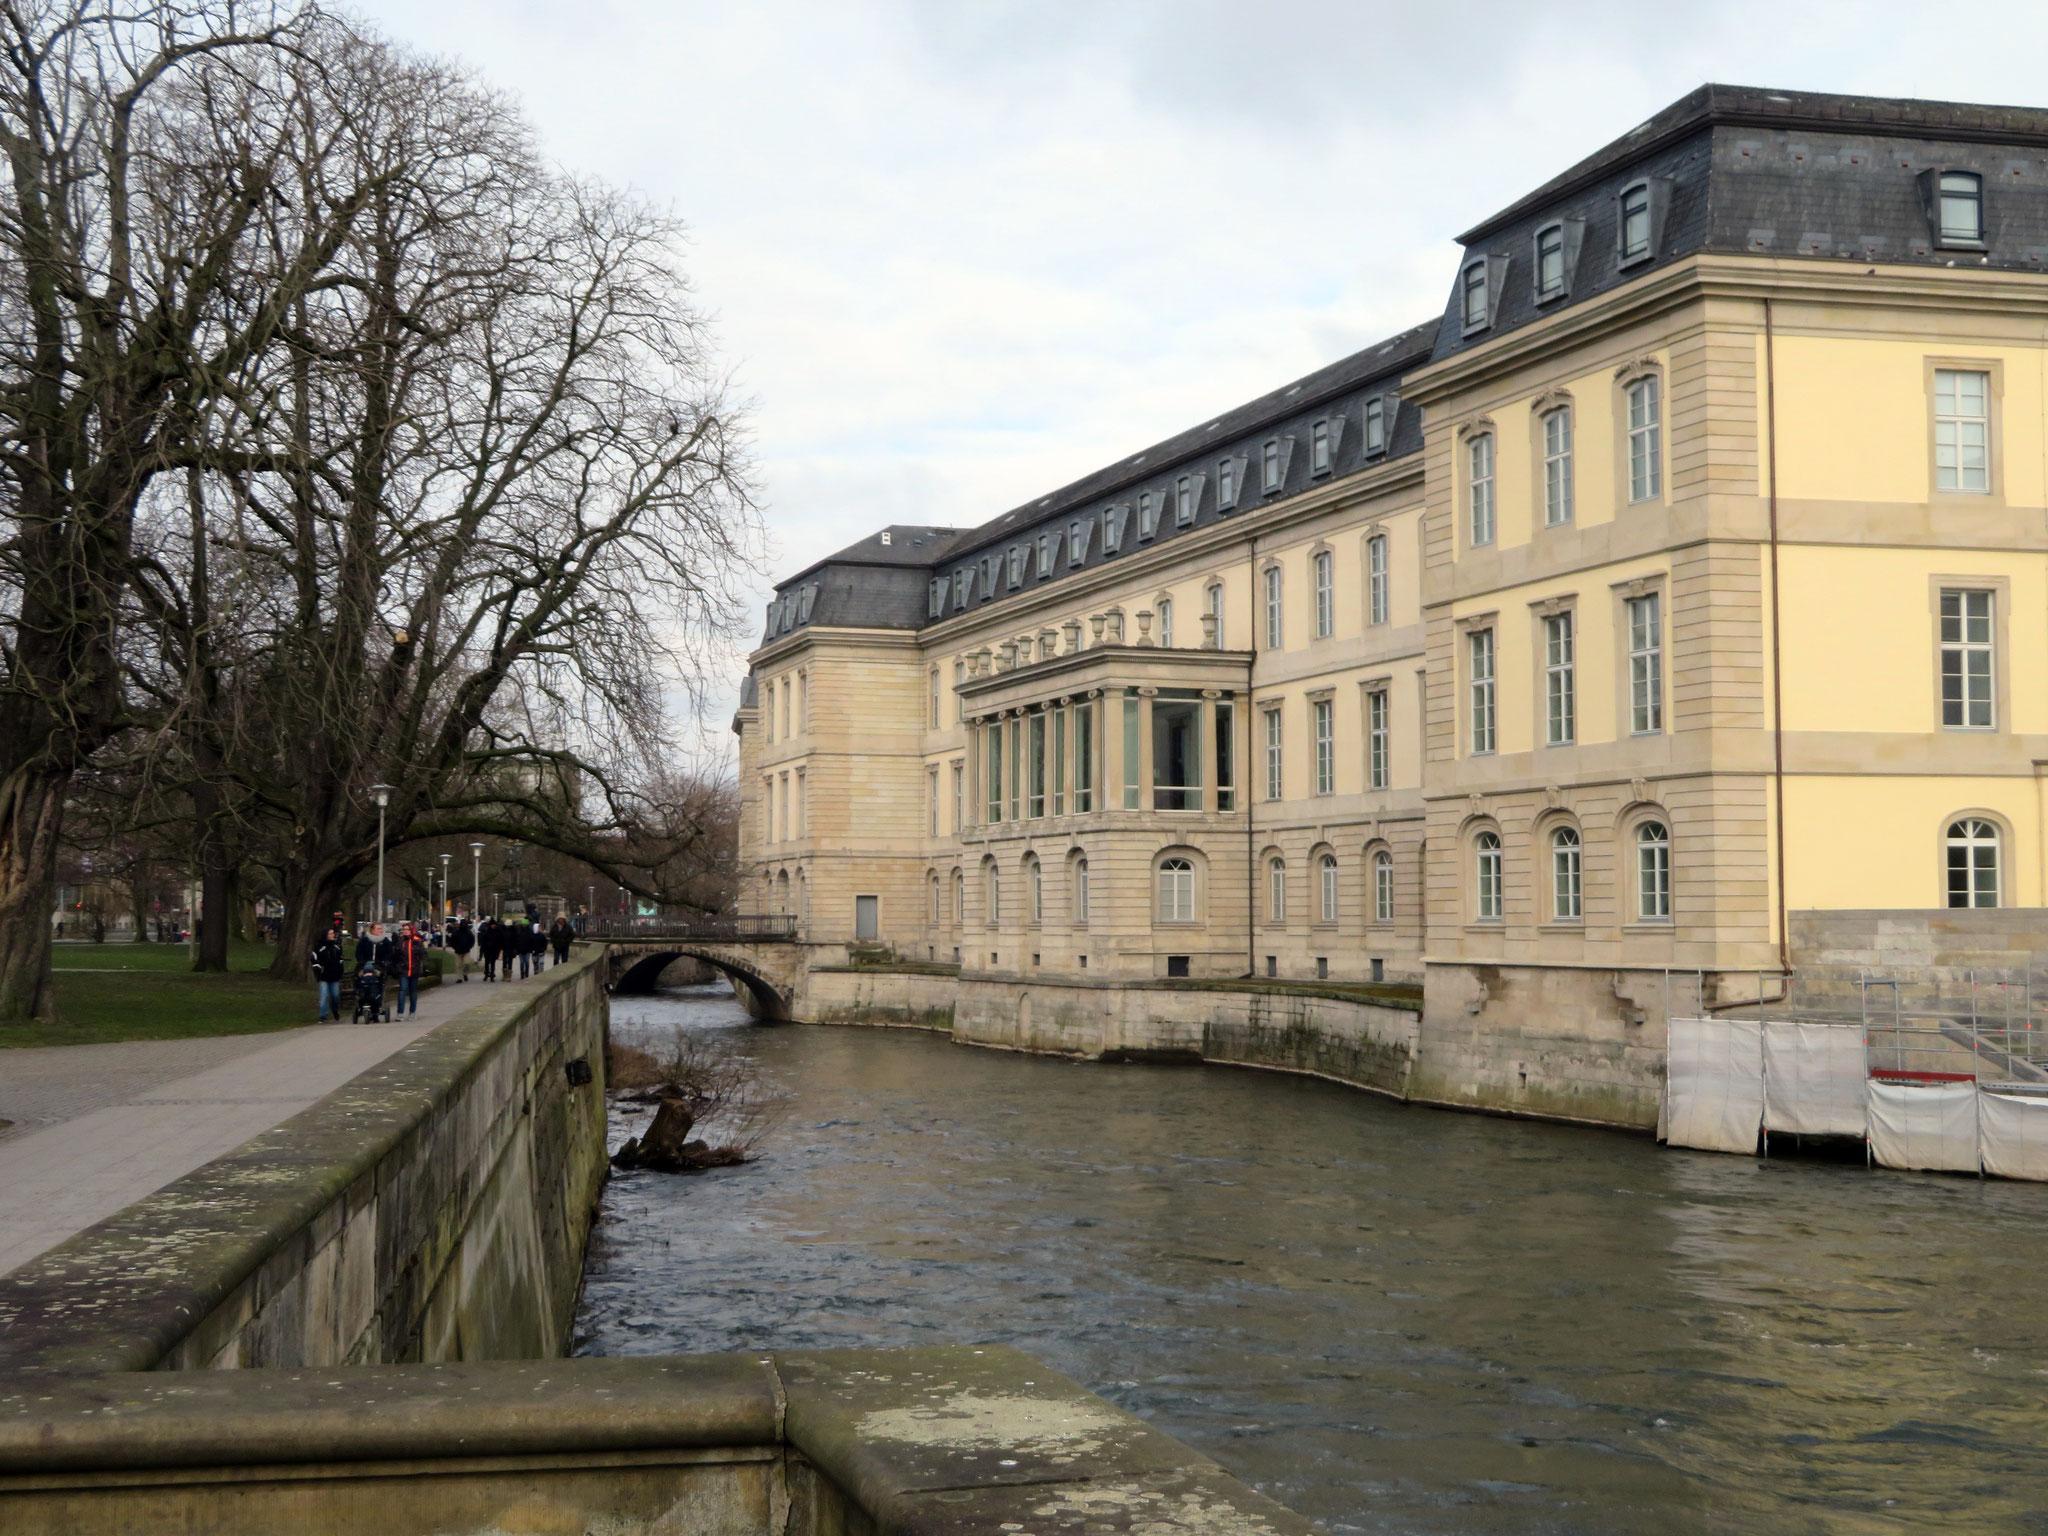 Leineschloss - heute Landtag